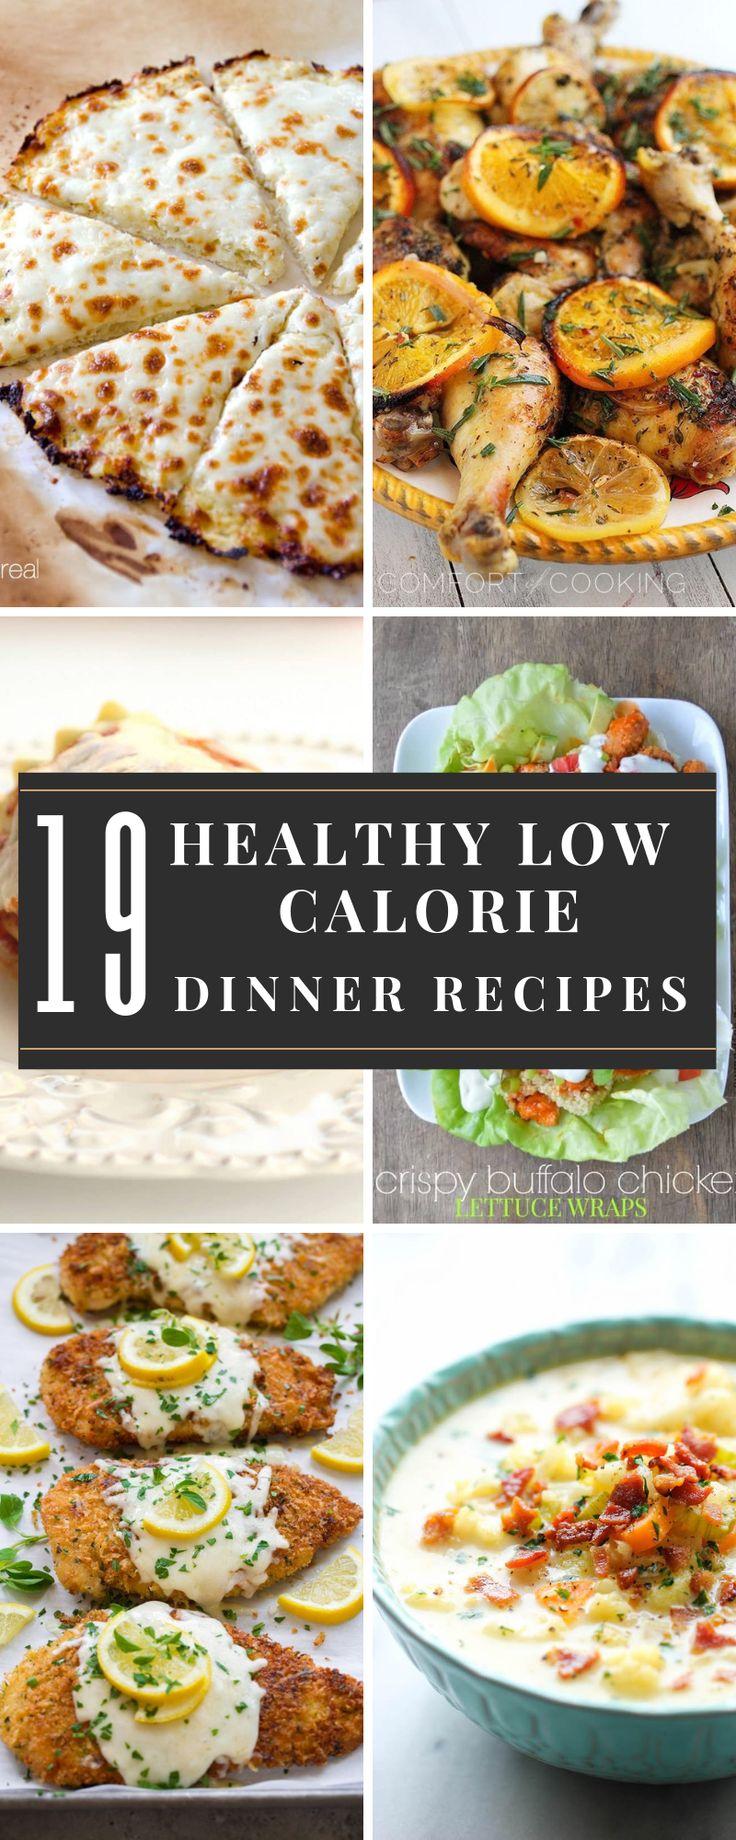 19 receitas saudáveis para o jantar para perda de peso com baixas calorias!   – ❤️ Healthy Food